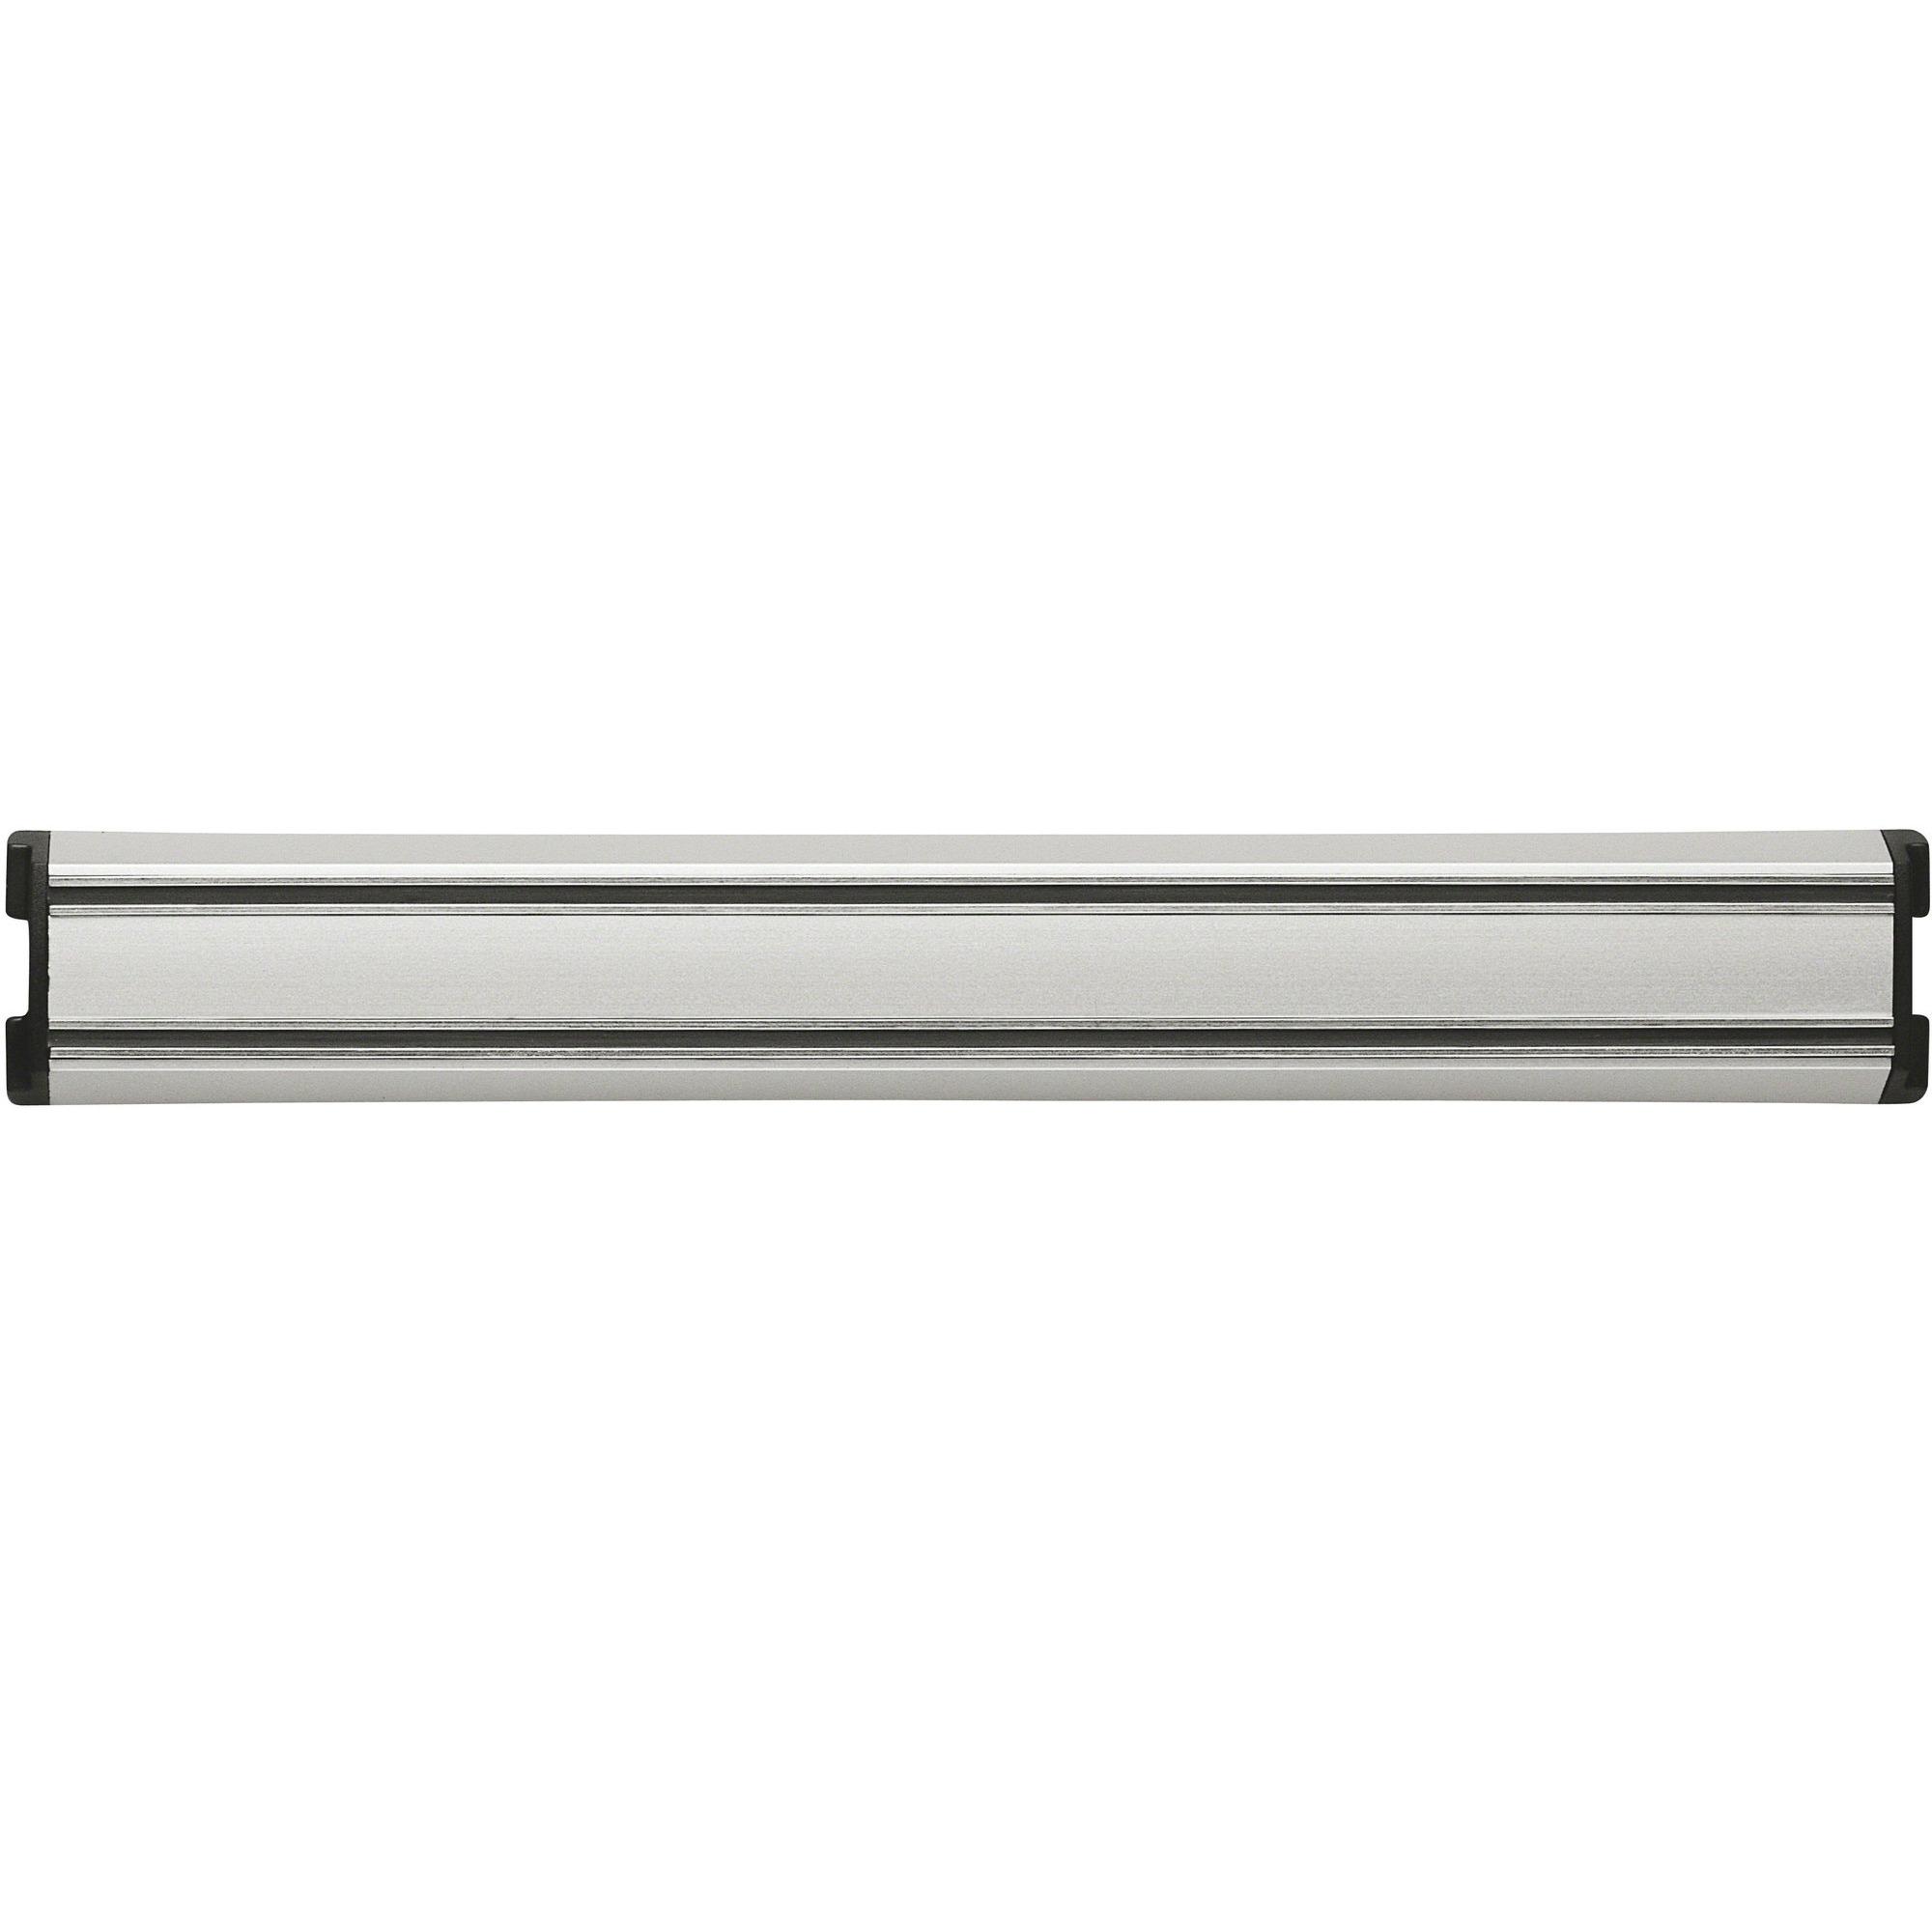 Zwilling Magnetlist Aluminium 30cm